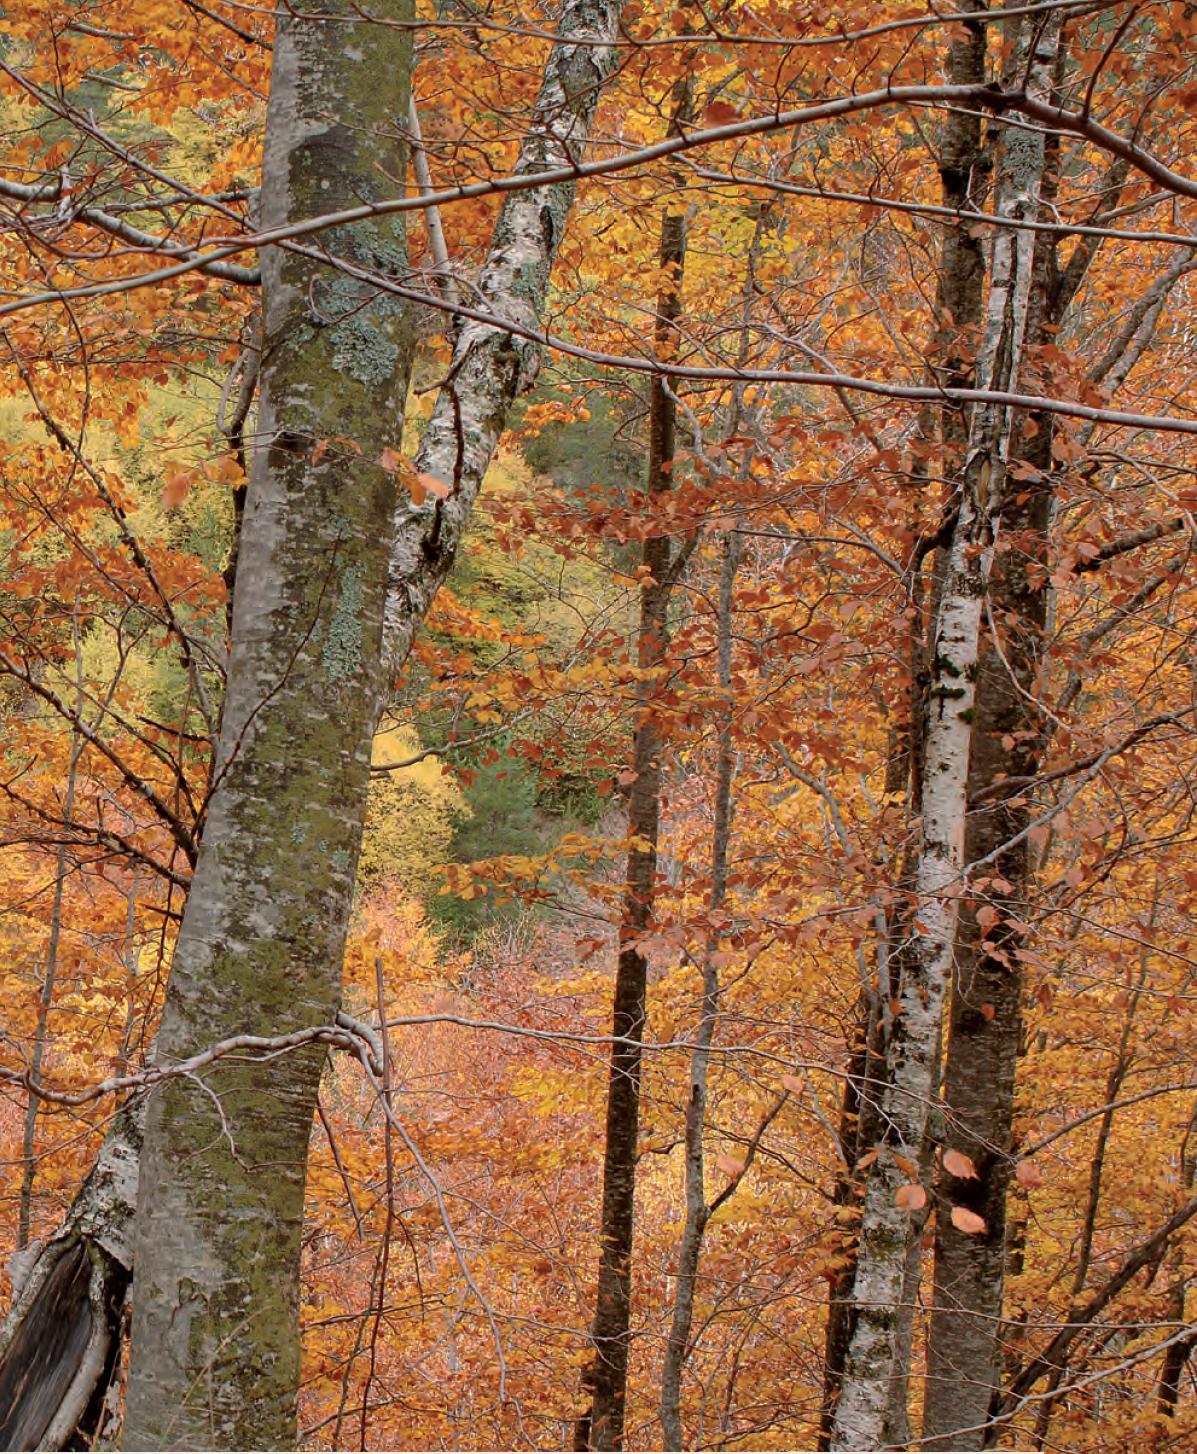 Φθινοπωρινό τοπίο στη Ροδόπη - Φωτ. Αρχείο ΕΚΒΥ/Λ. Λογοθέτης